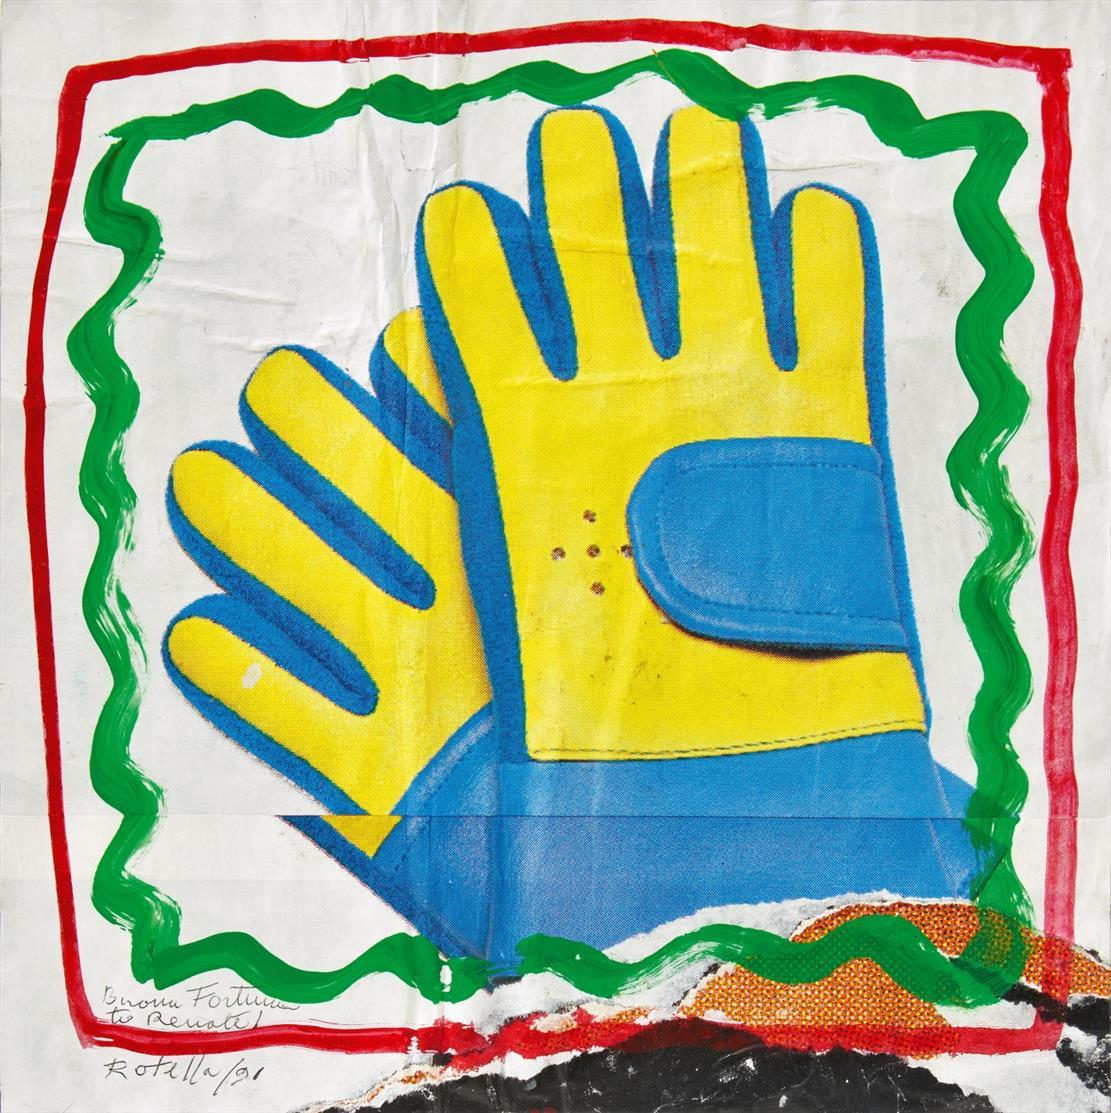 Mimmo Rotella. Ohne Titel (2 hands). 1991. Collage mit Gouache. Signiert.